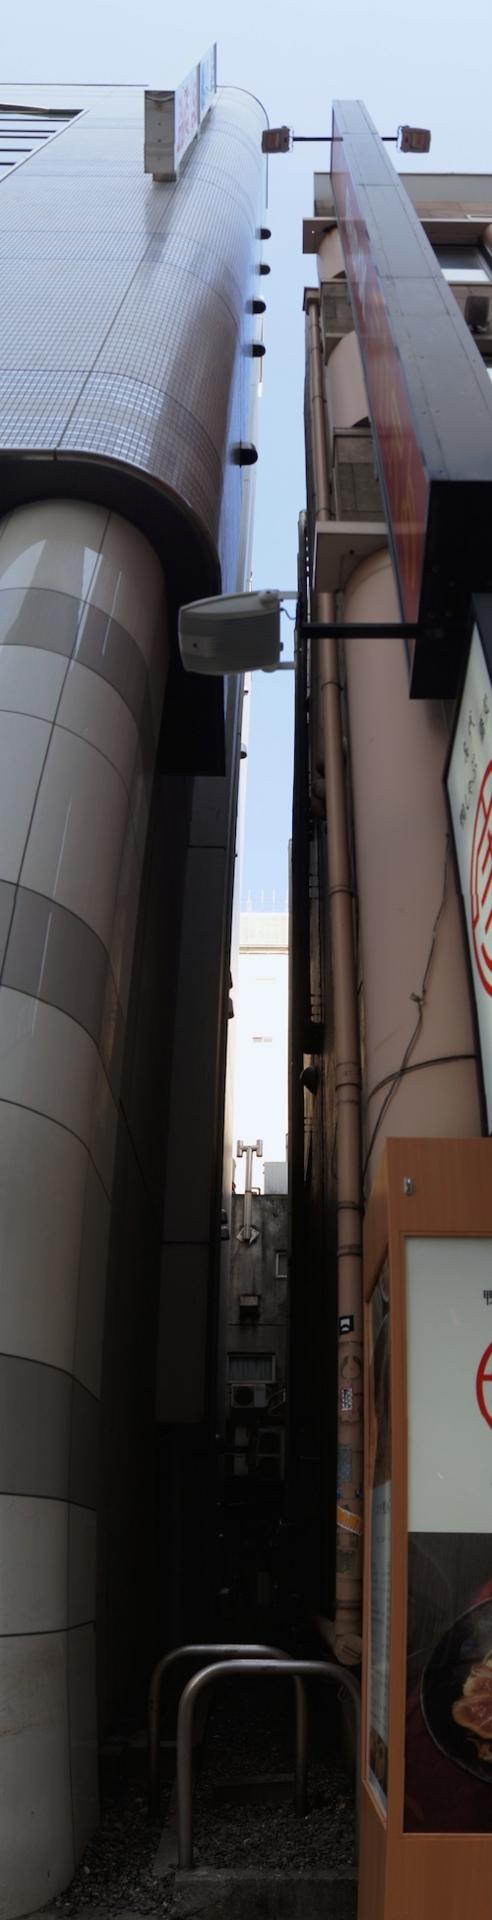 f:id:akichiniiko:20160522212730j:plain